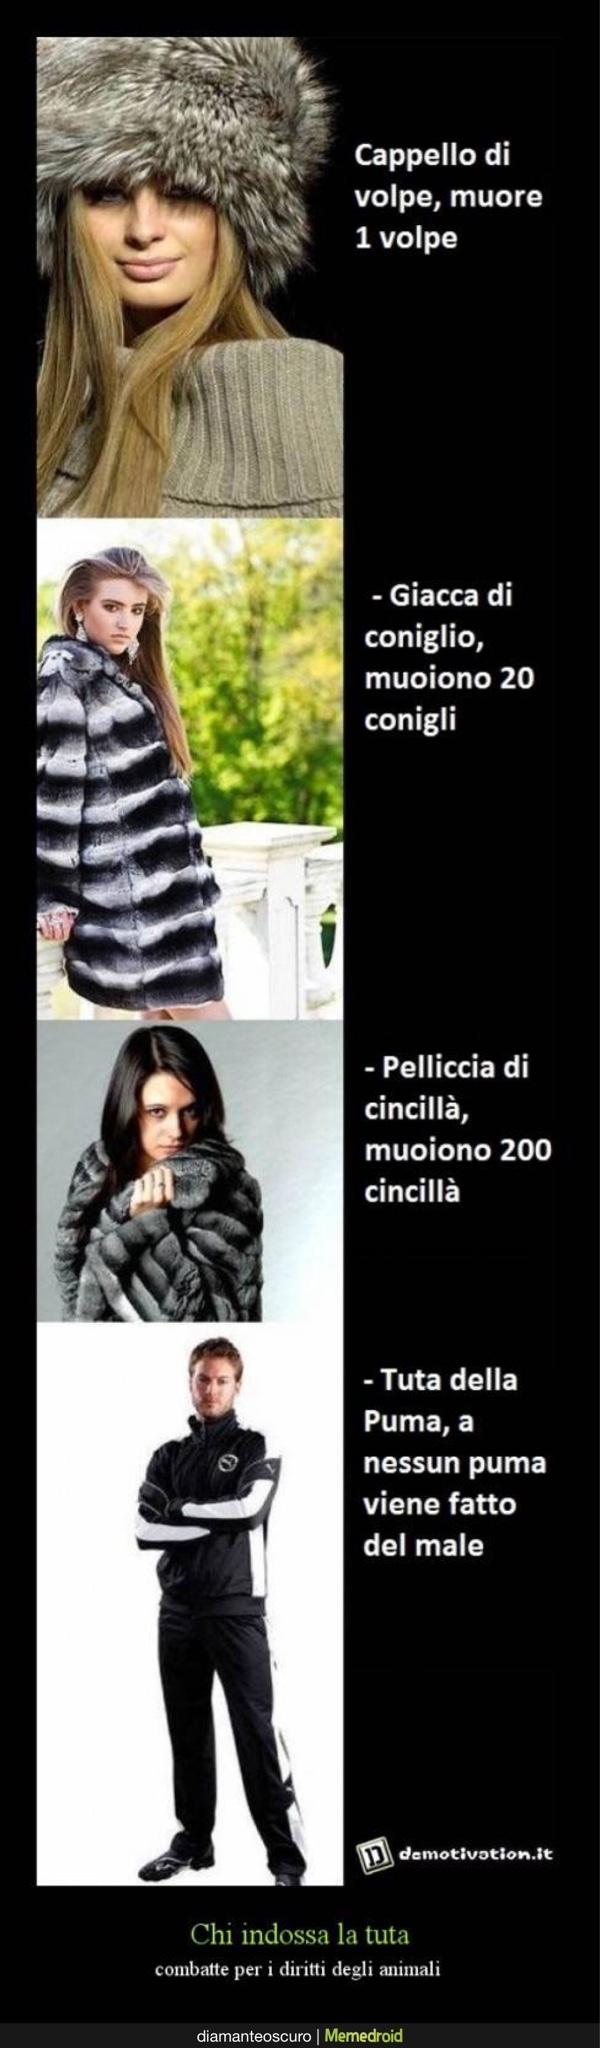 Giubbotti Fatti Con Pelliccia Di Animali - meme